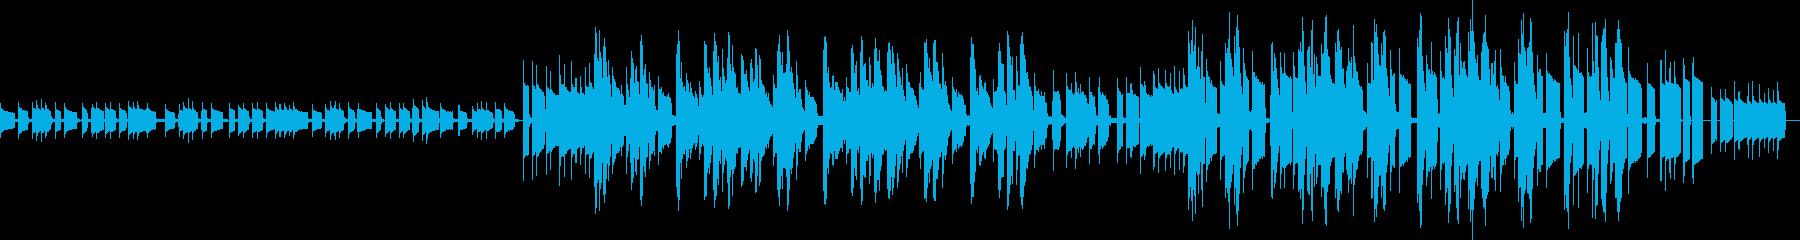 力強いアップテンポなギターサウンドの再生済みの波形